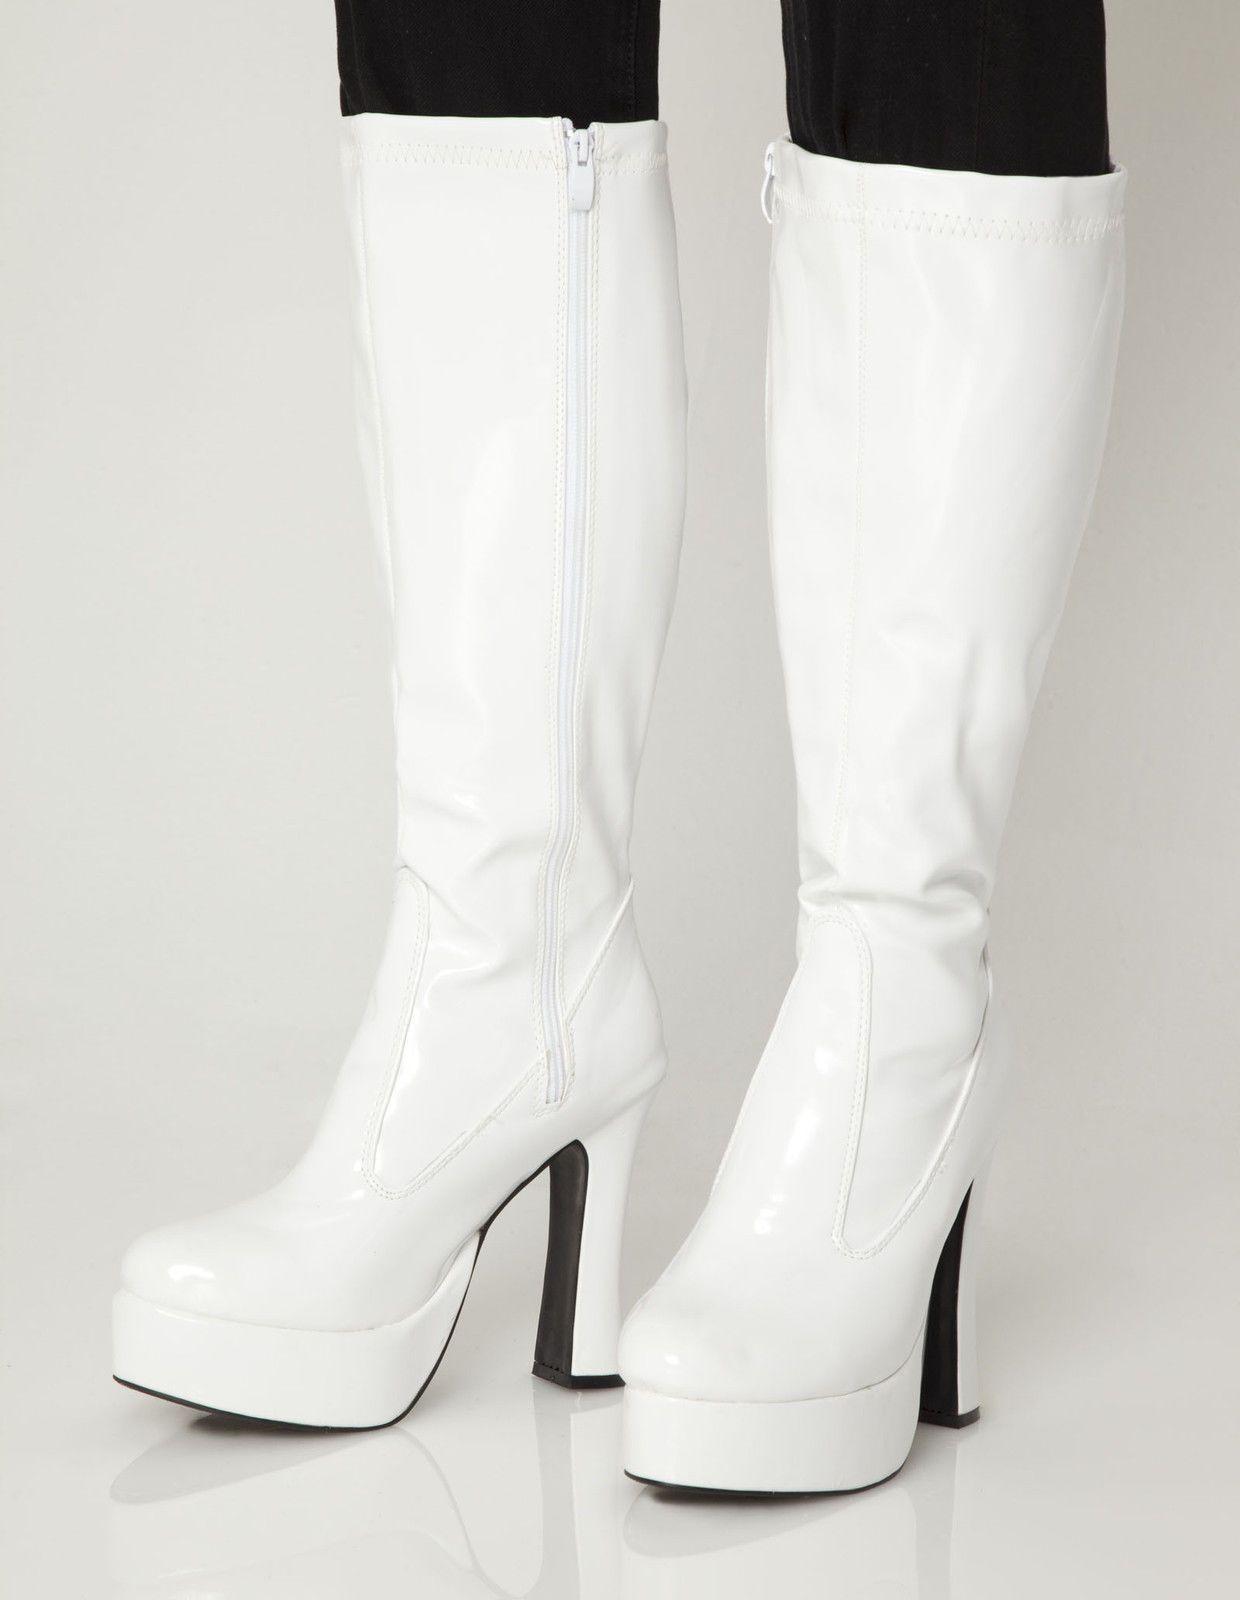 White Patent Platform Go Go Womens Boots